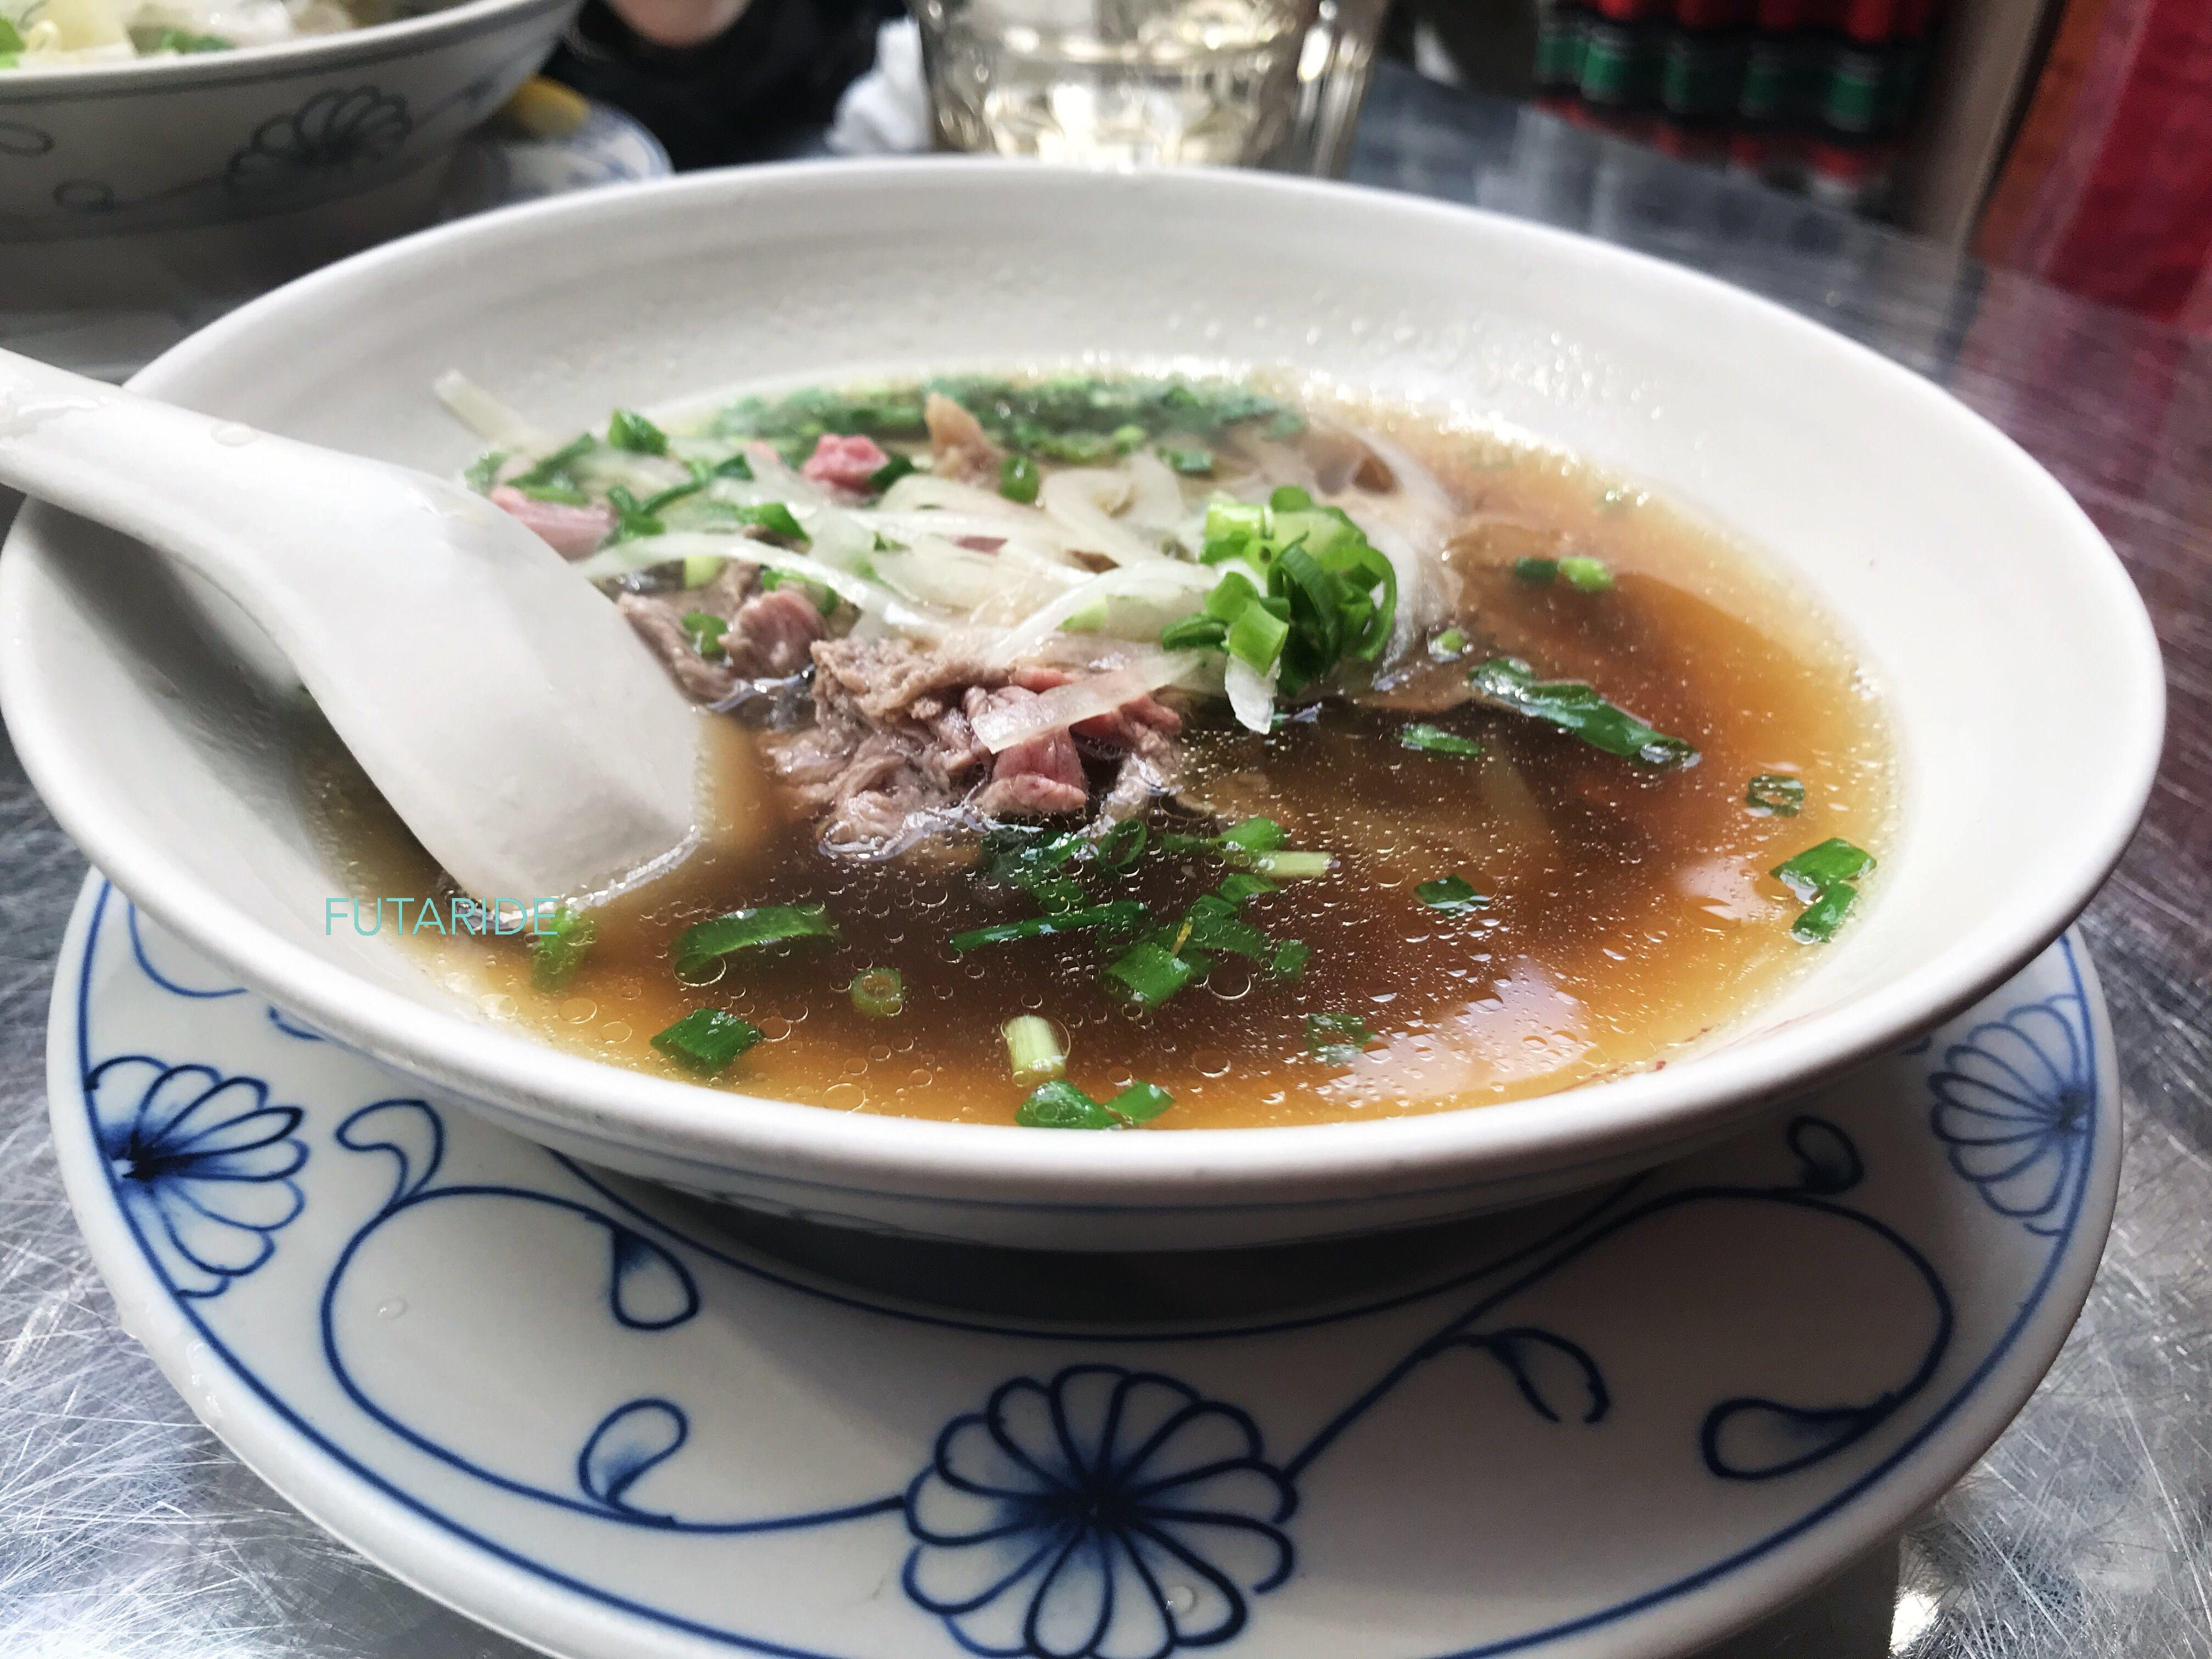 【ベトナムグルメ】大須のベトナムキッチンで美味しいフォーを食べよう【デートにもオススメ】